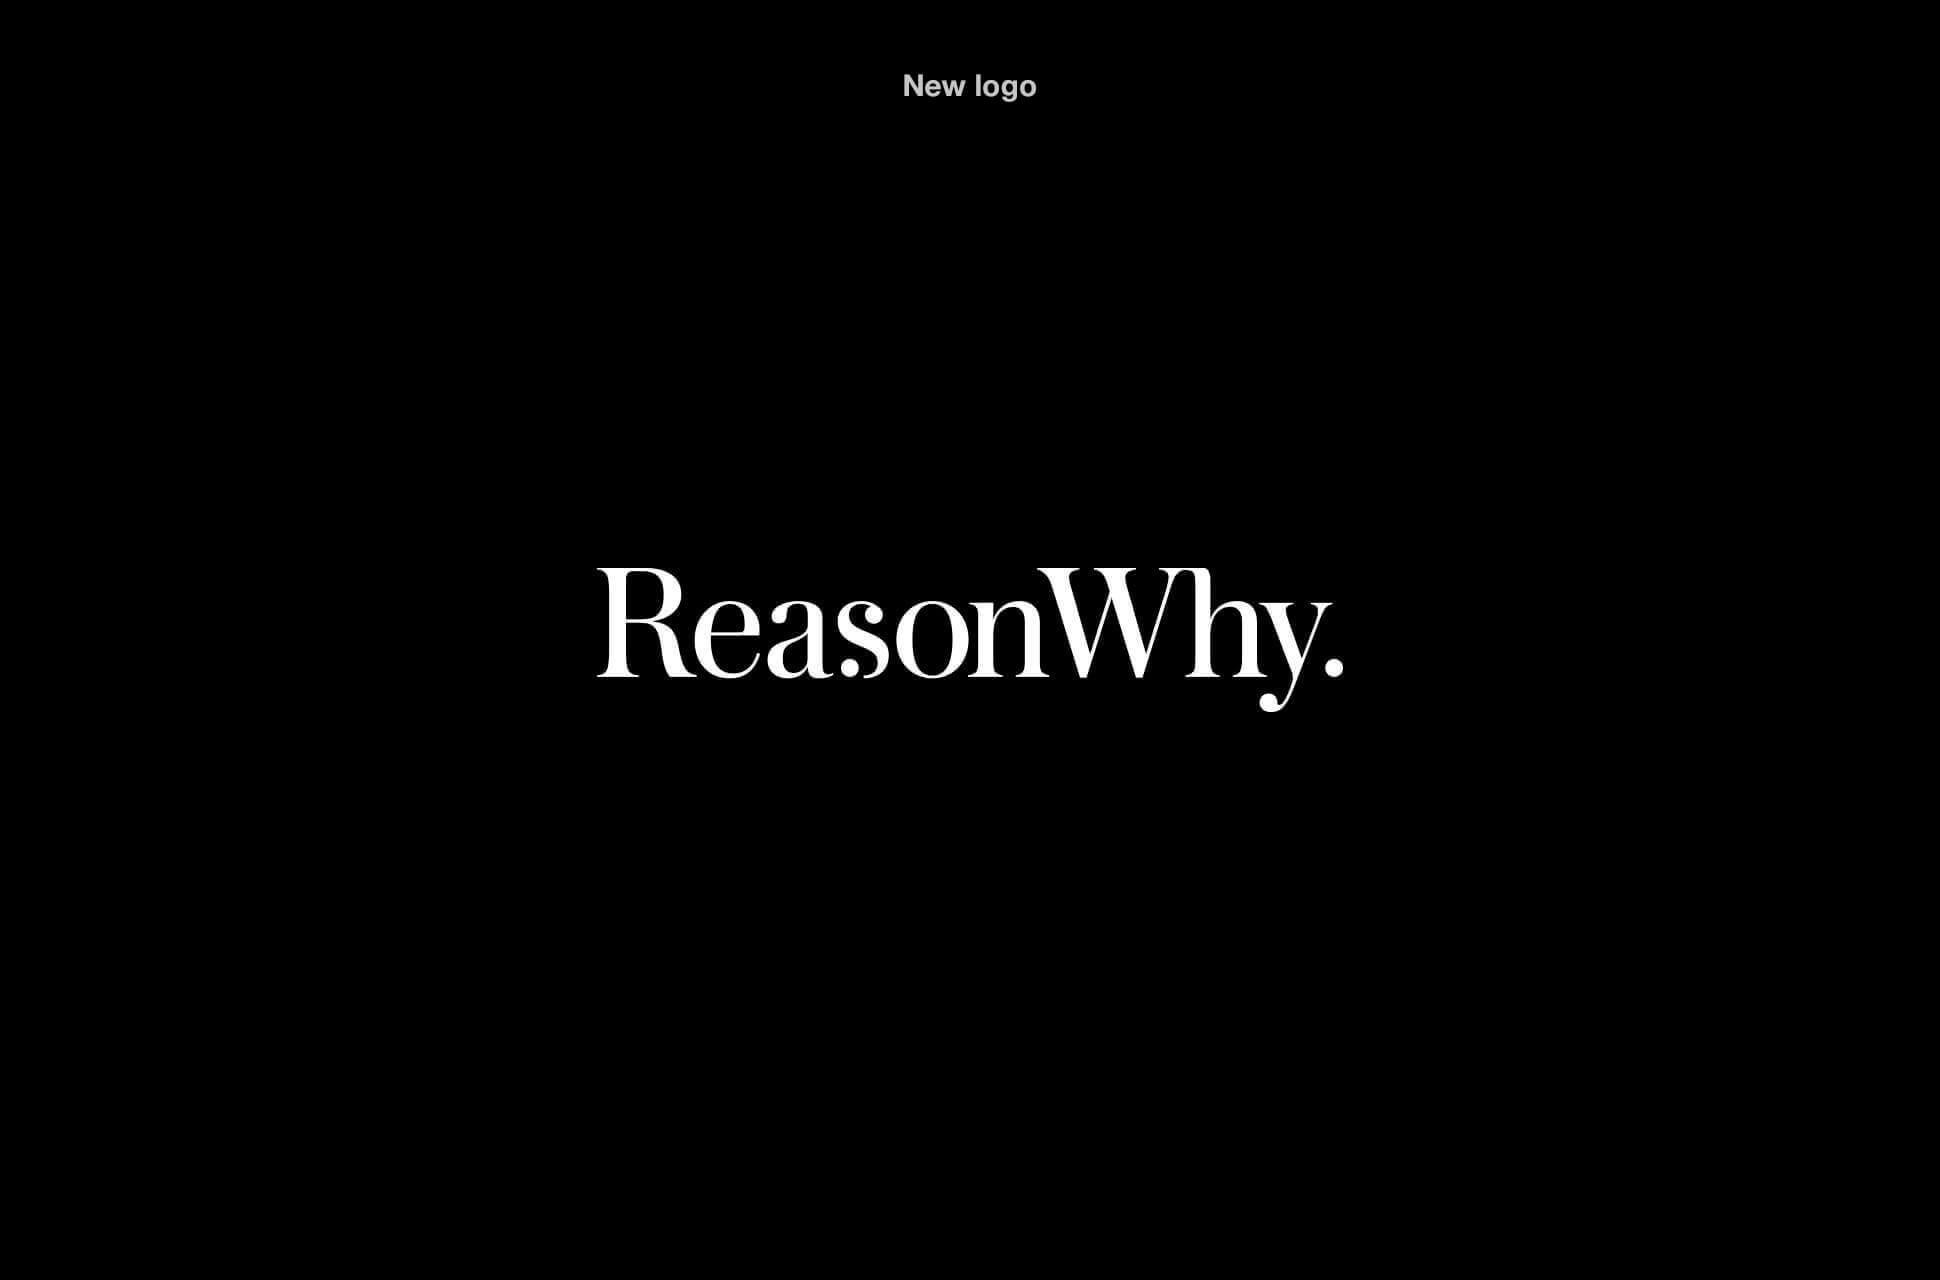 Logotipo de ReasonWhy sobre fondo negro